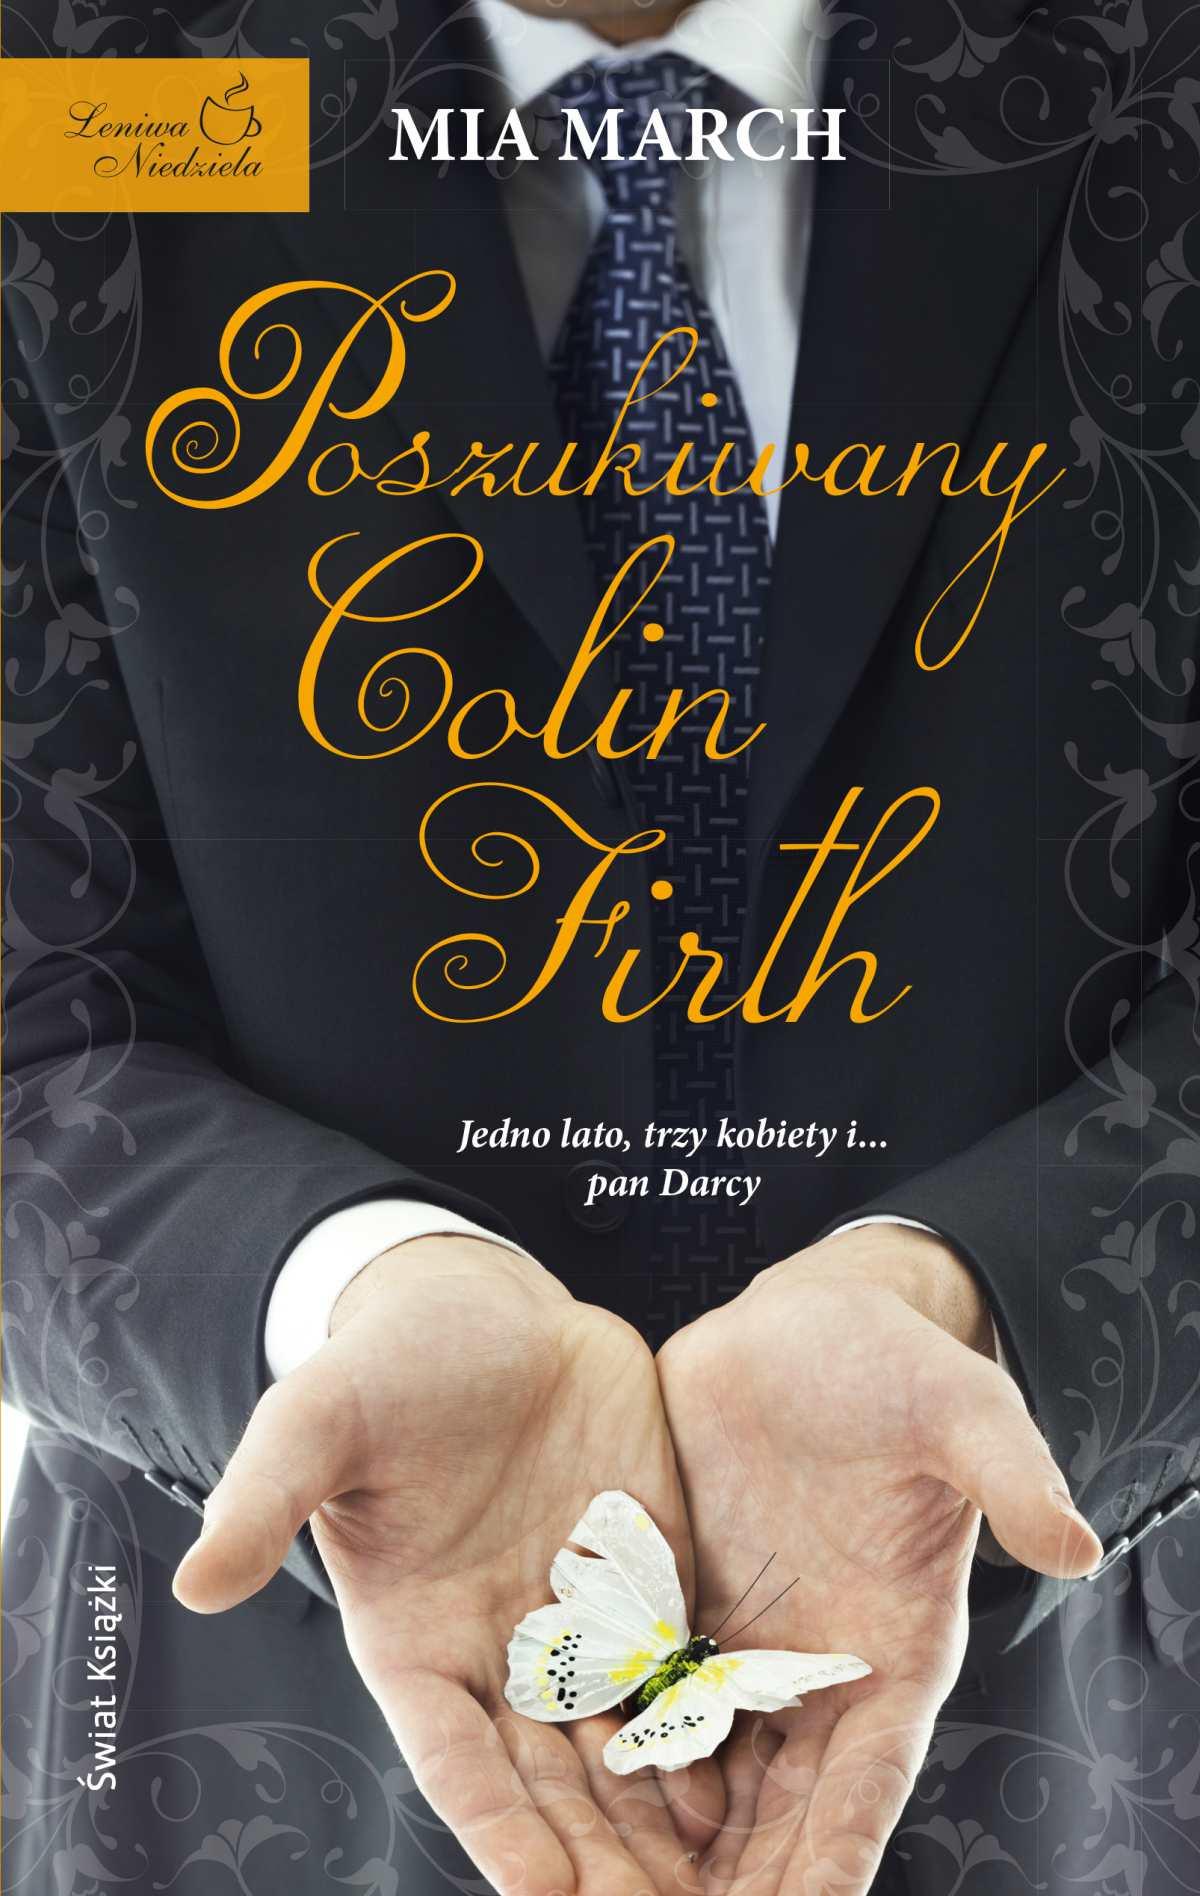 Poszukiwany Colin Firth - Ebook (Książka EPUB) do pobrania w formacie EPUB